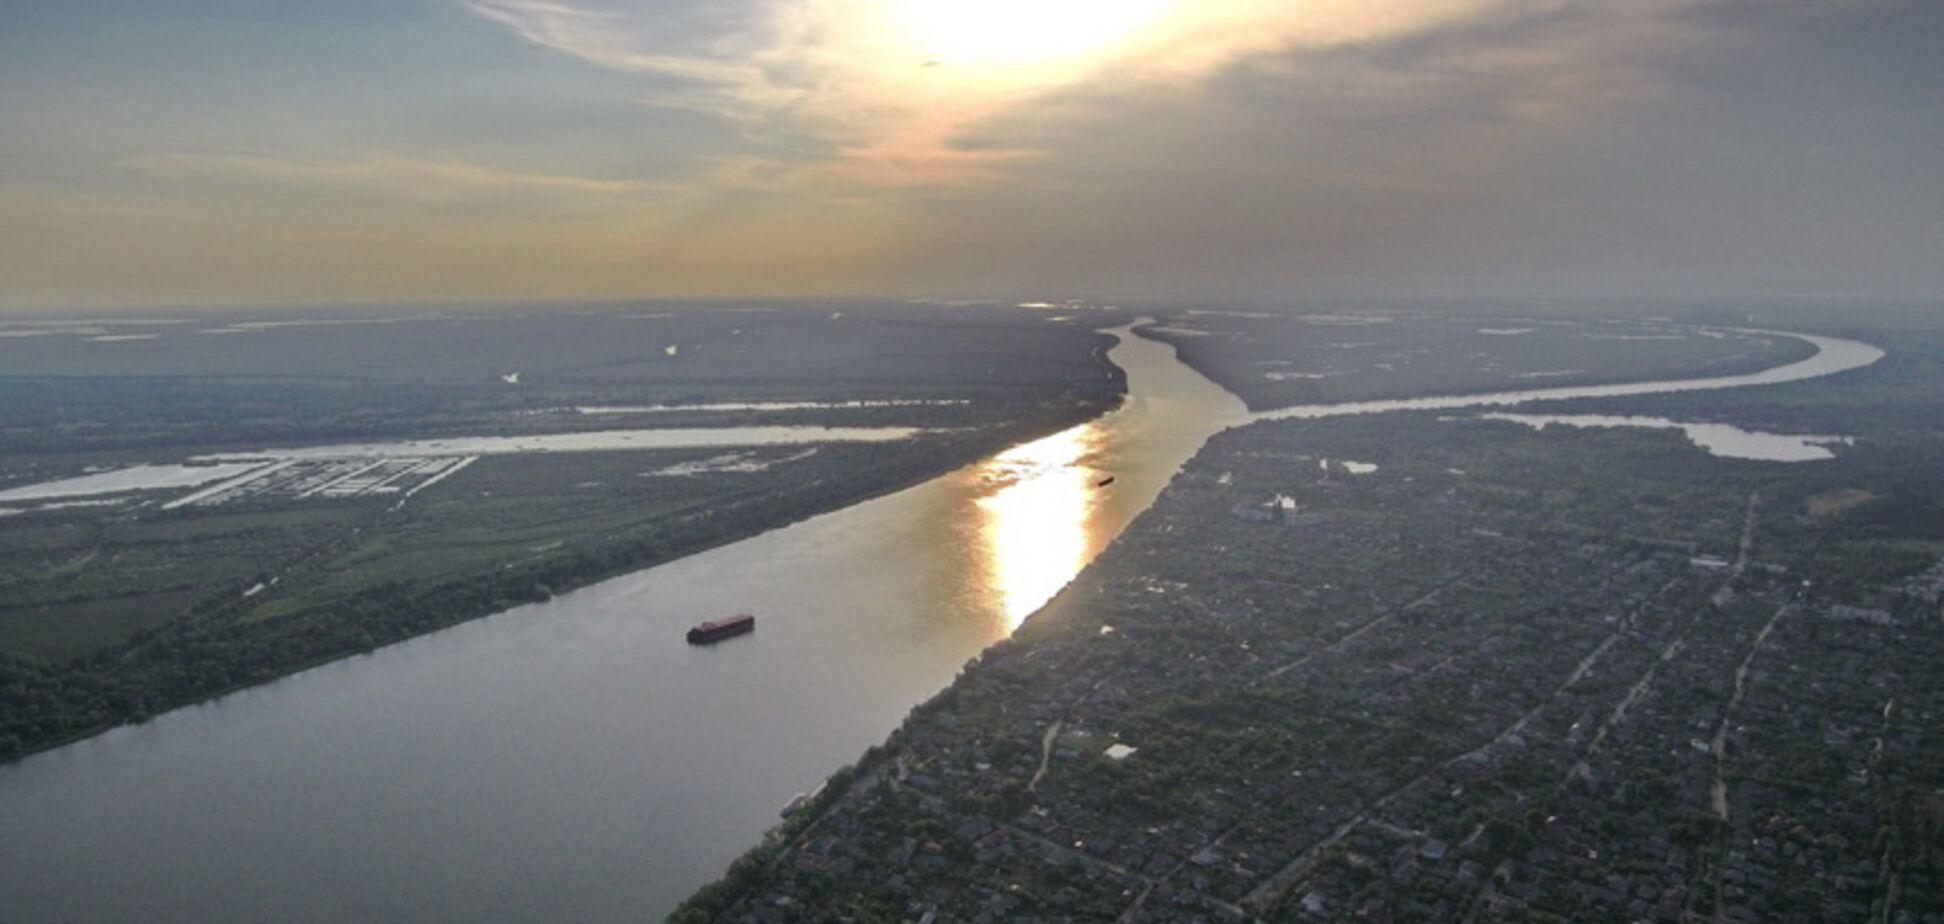 Українську Венецію показали з висоти пташиного польоту: яскраві фото та відео